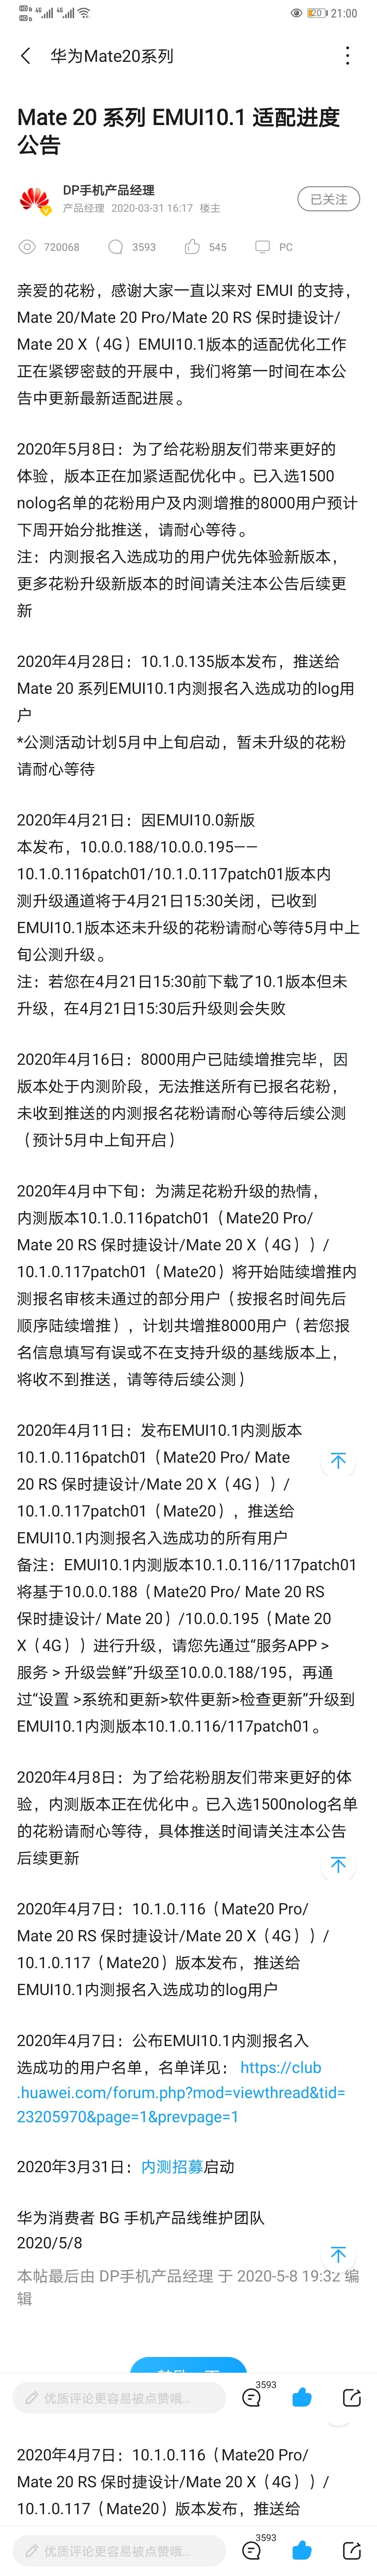 Screenshot_20200508_210033_com.huawei.fans.jpg